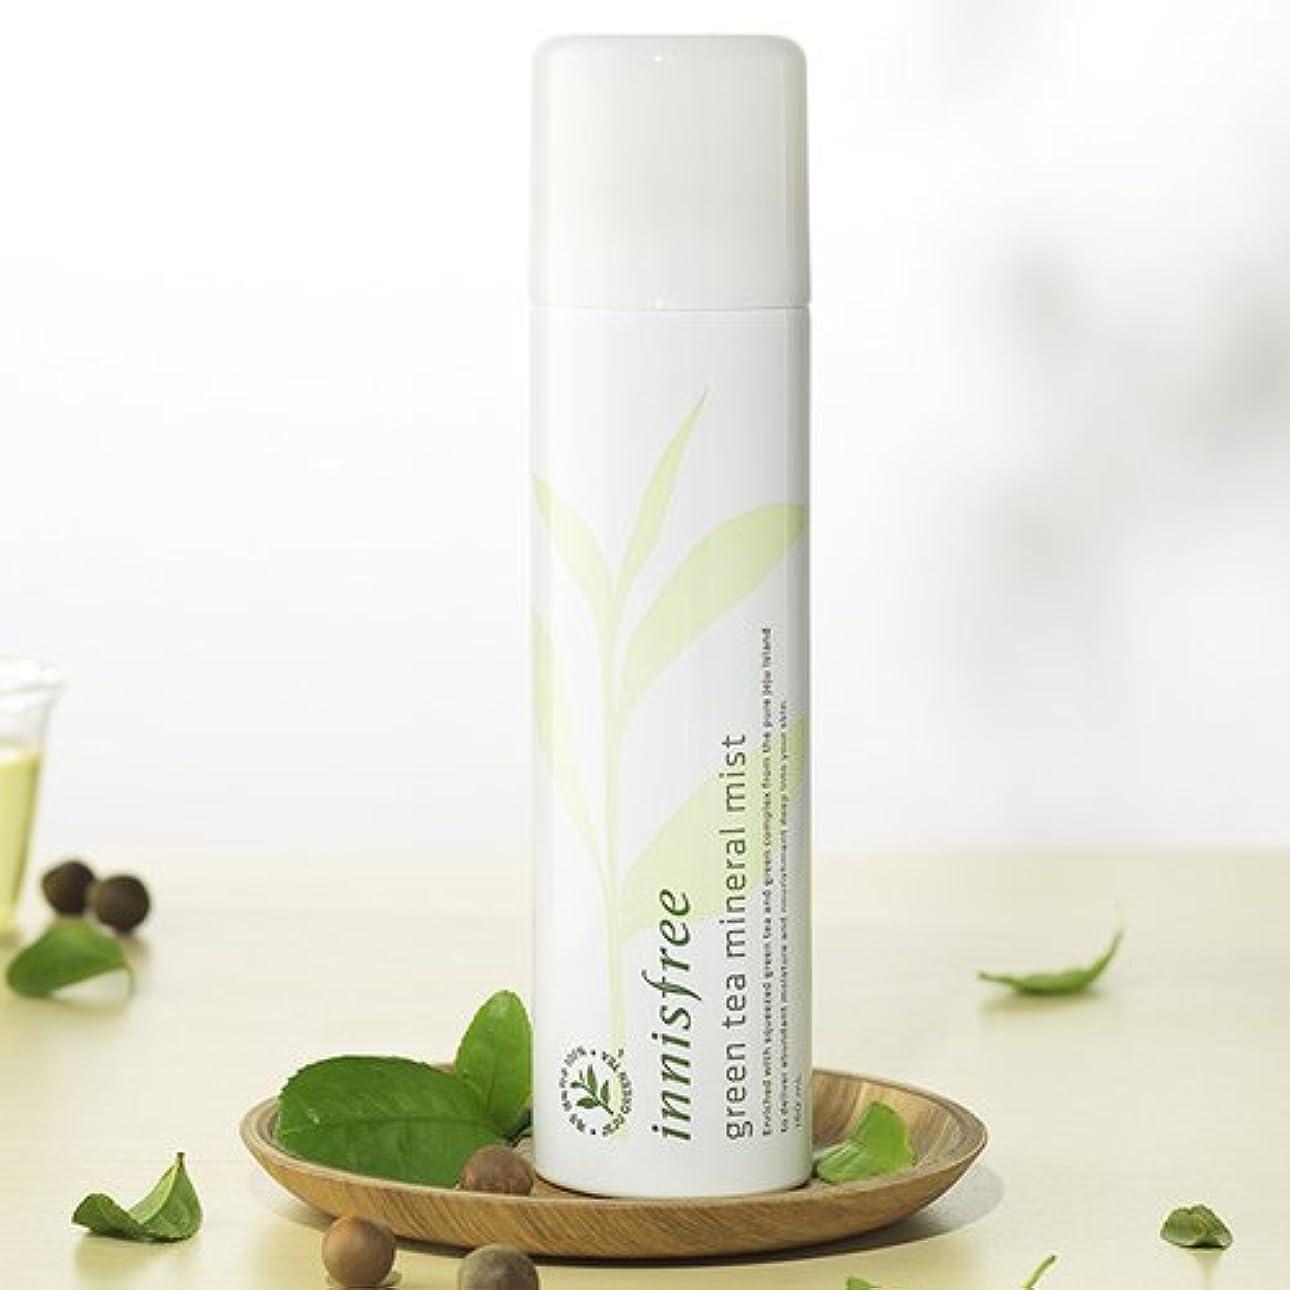 活性化伴う驚くべき[INNISFREE]イニスフリー緑茶ミネラルミスト150ml green tea mineral mist 150ml [並行輸入品]